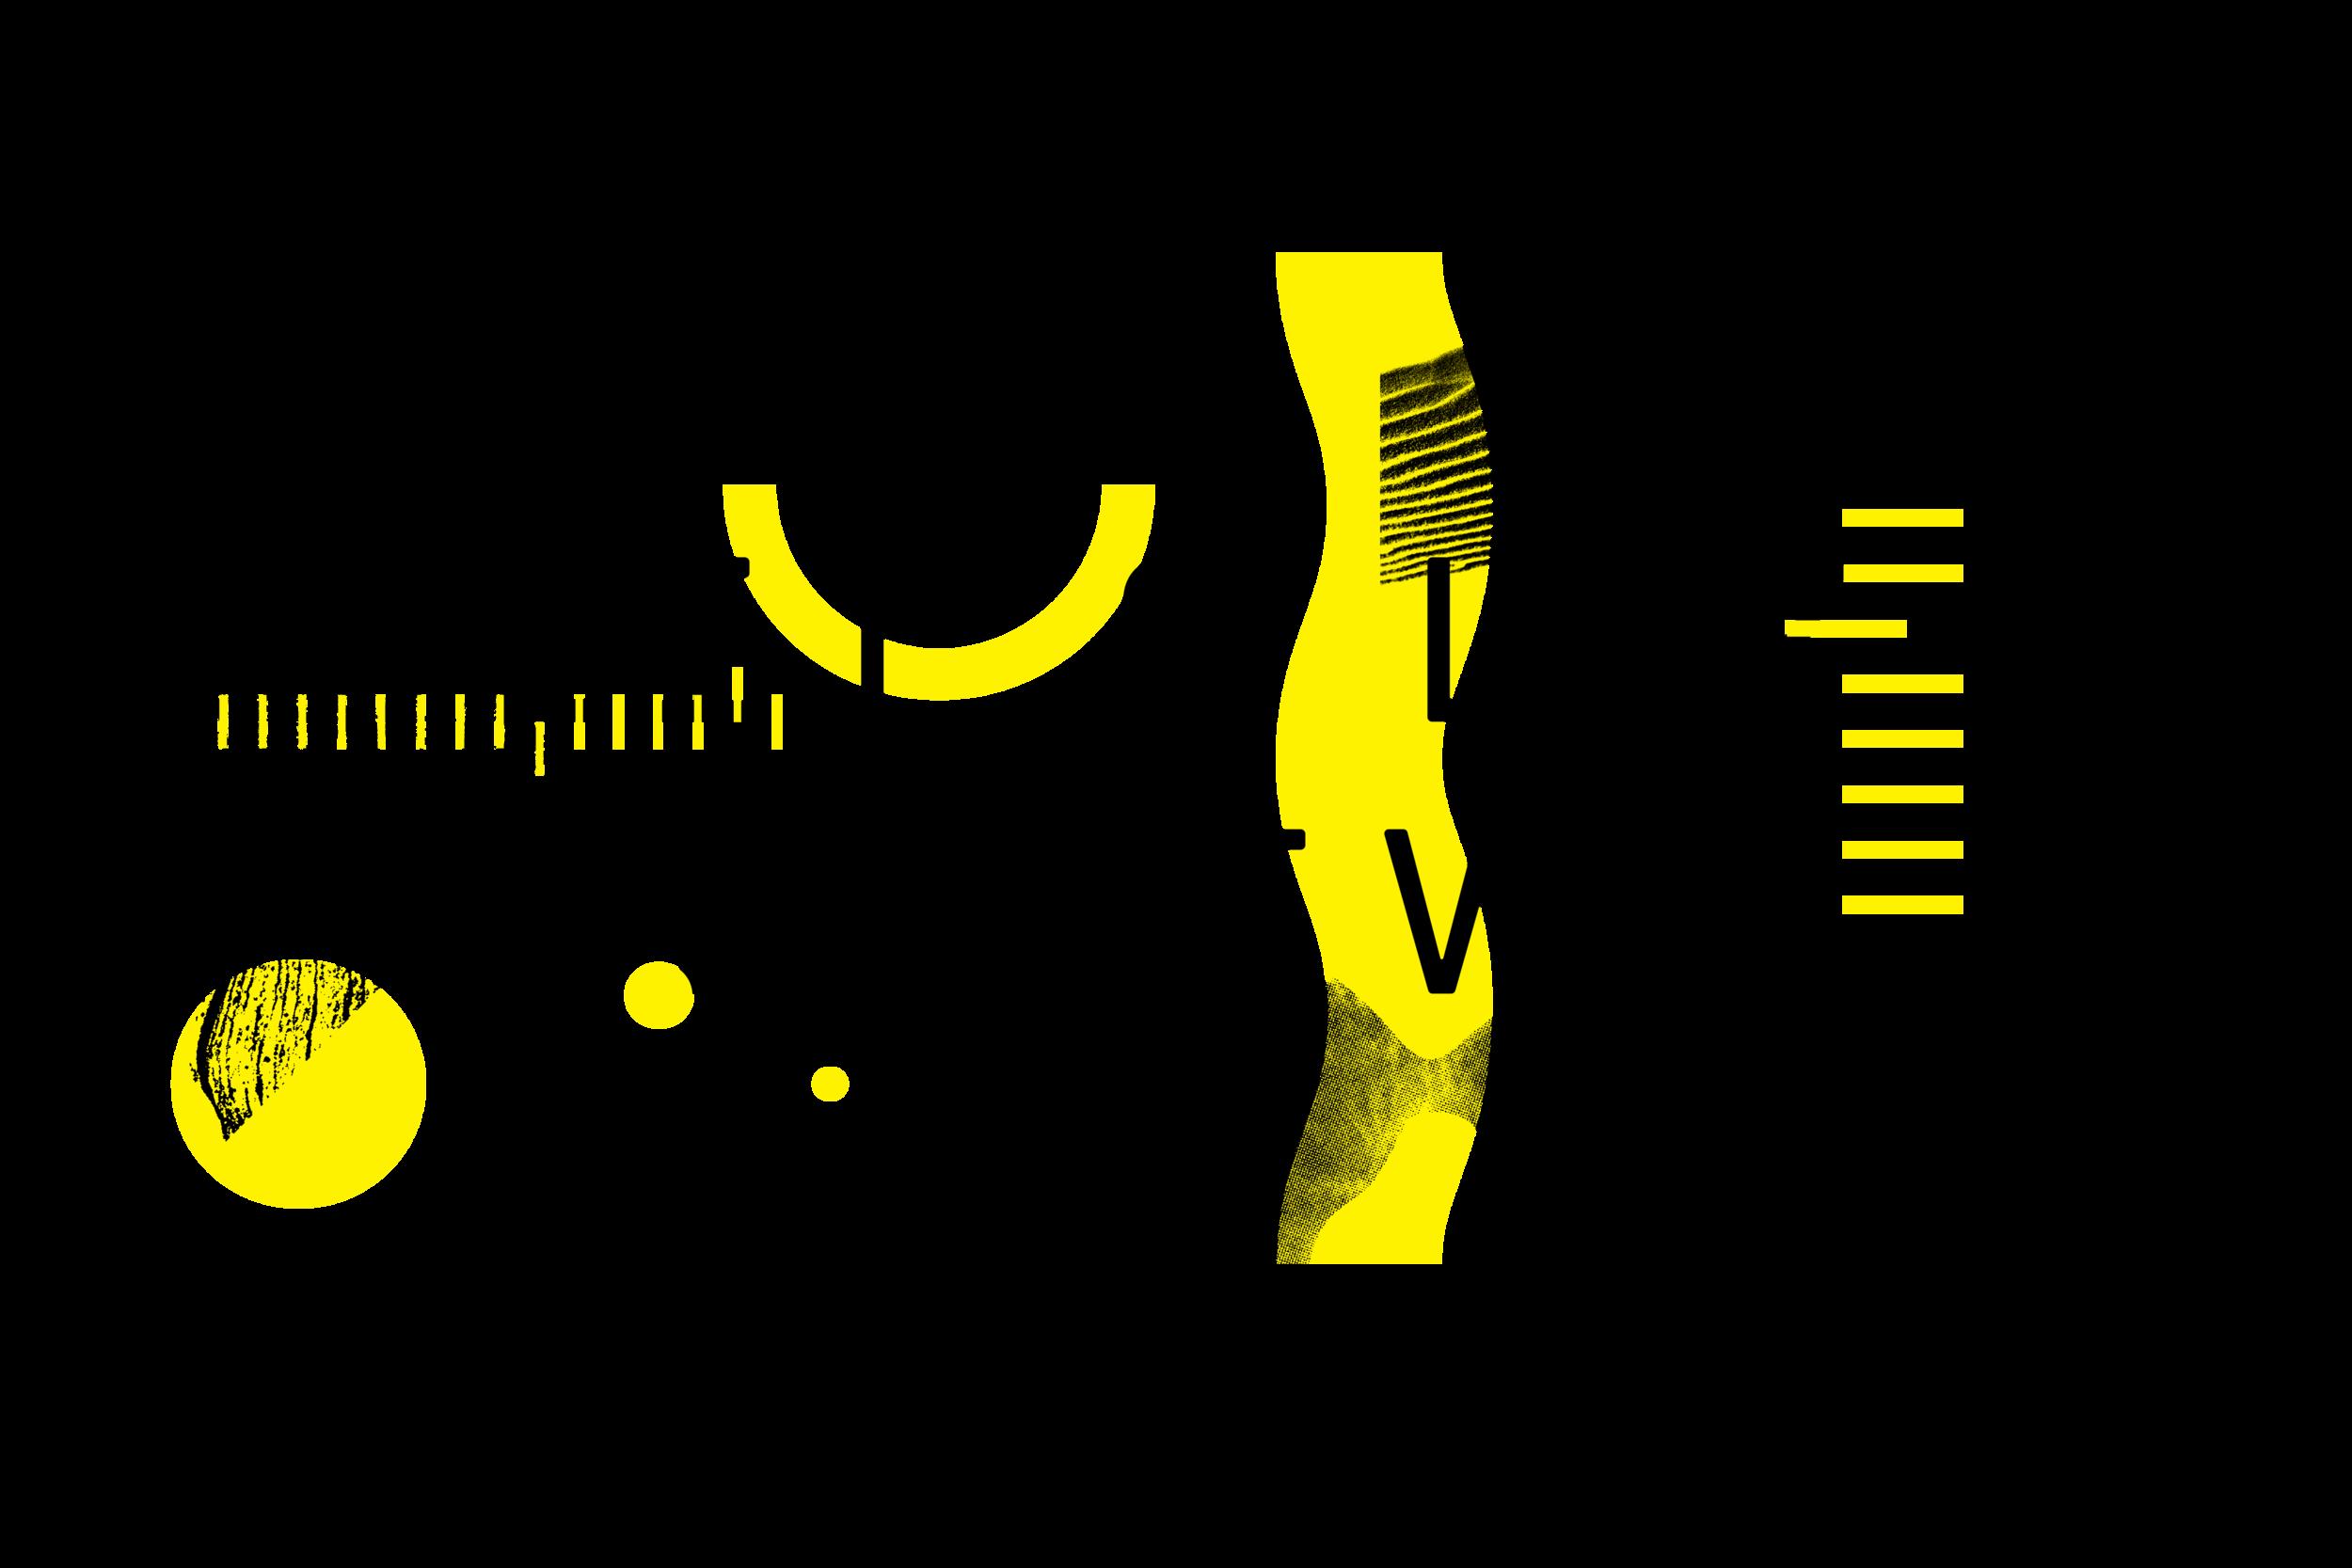 L&L_transparent-lockup-2.png